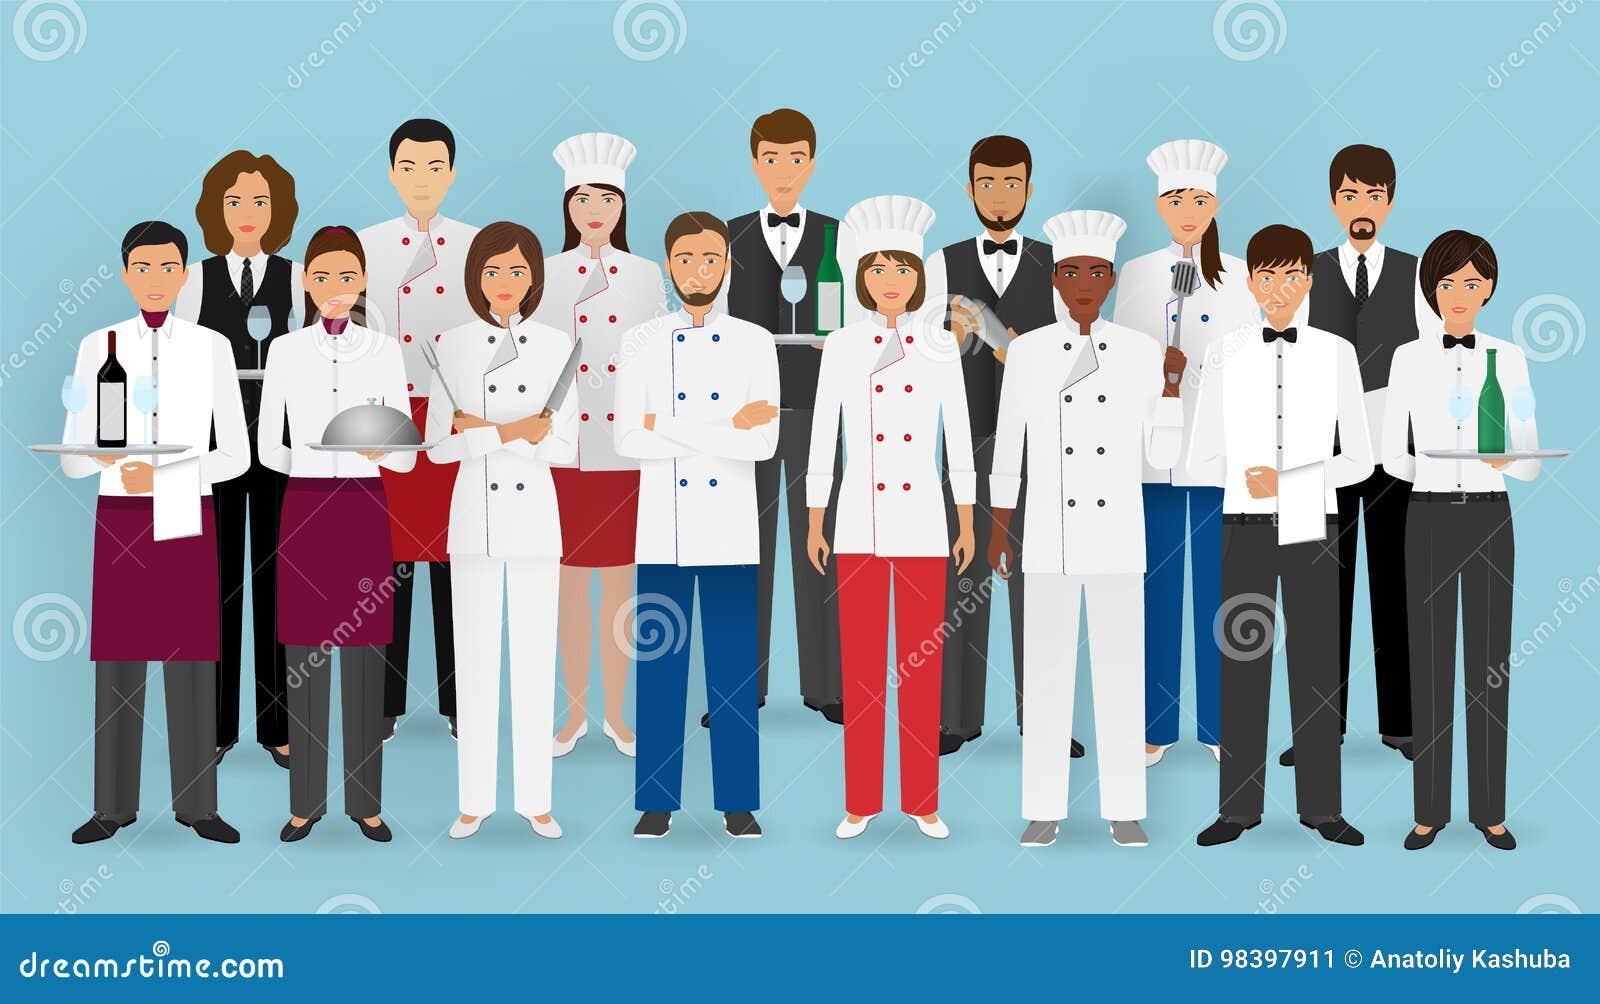 Conceito da equipe do restaurante no uniforme Grupo de caráteres do serviço da restauração: cozinheiro chefe, cozinheiro, garçons